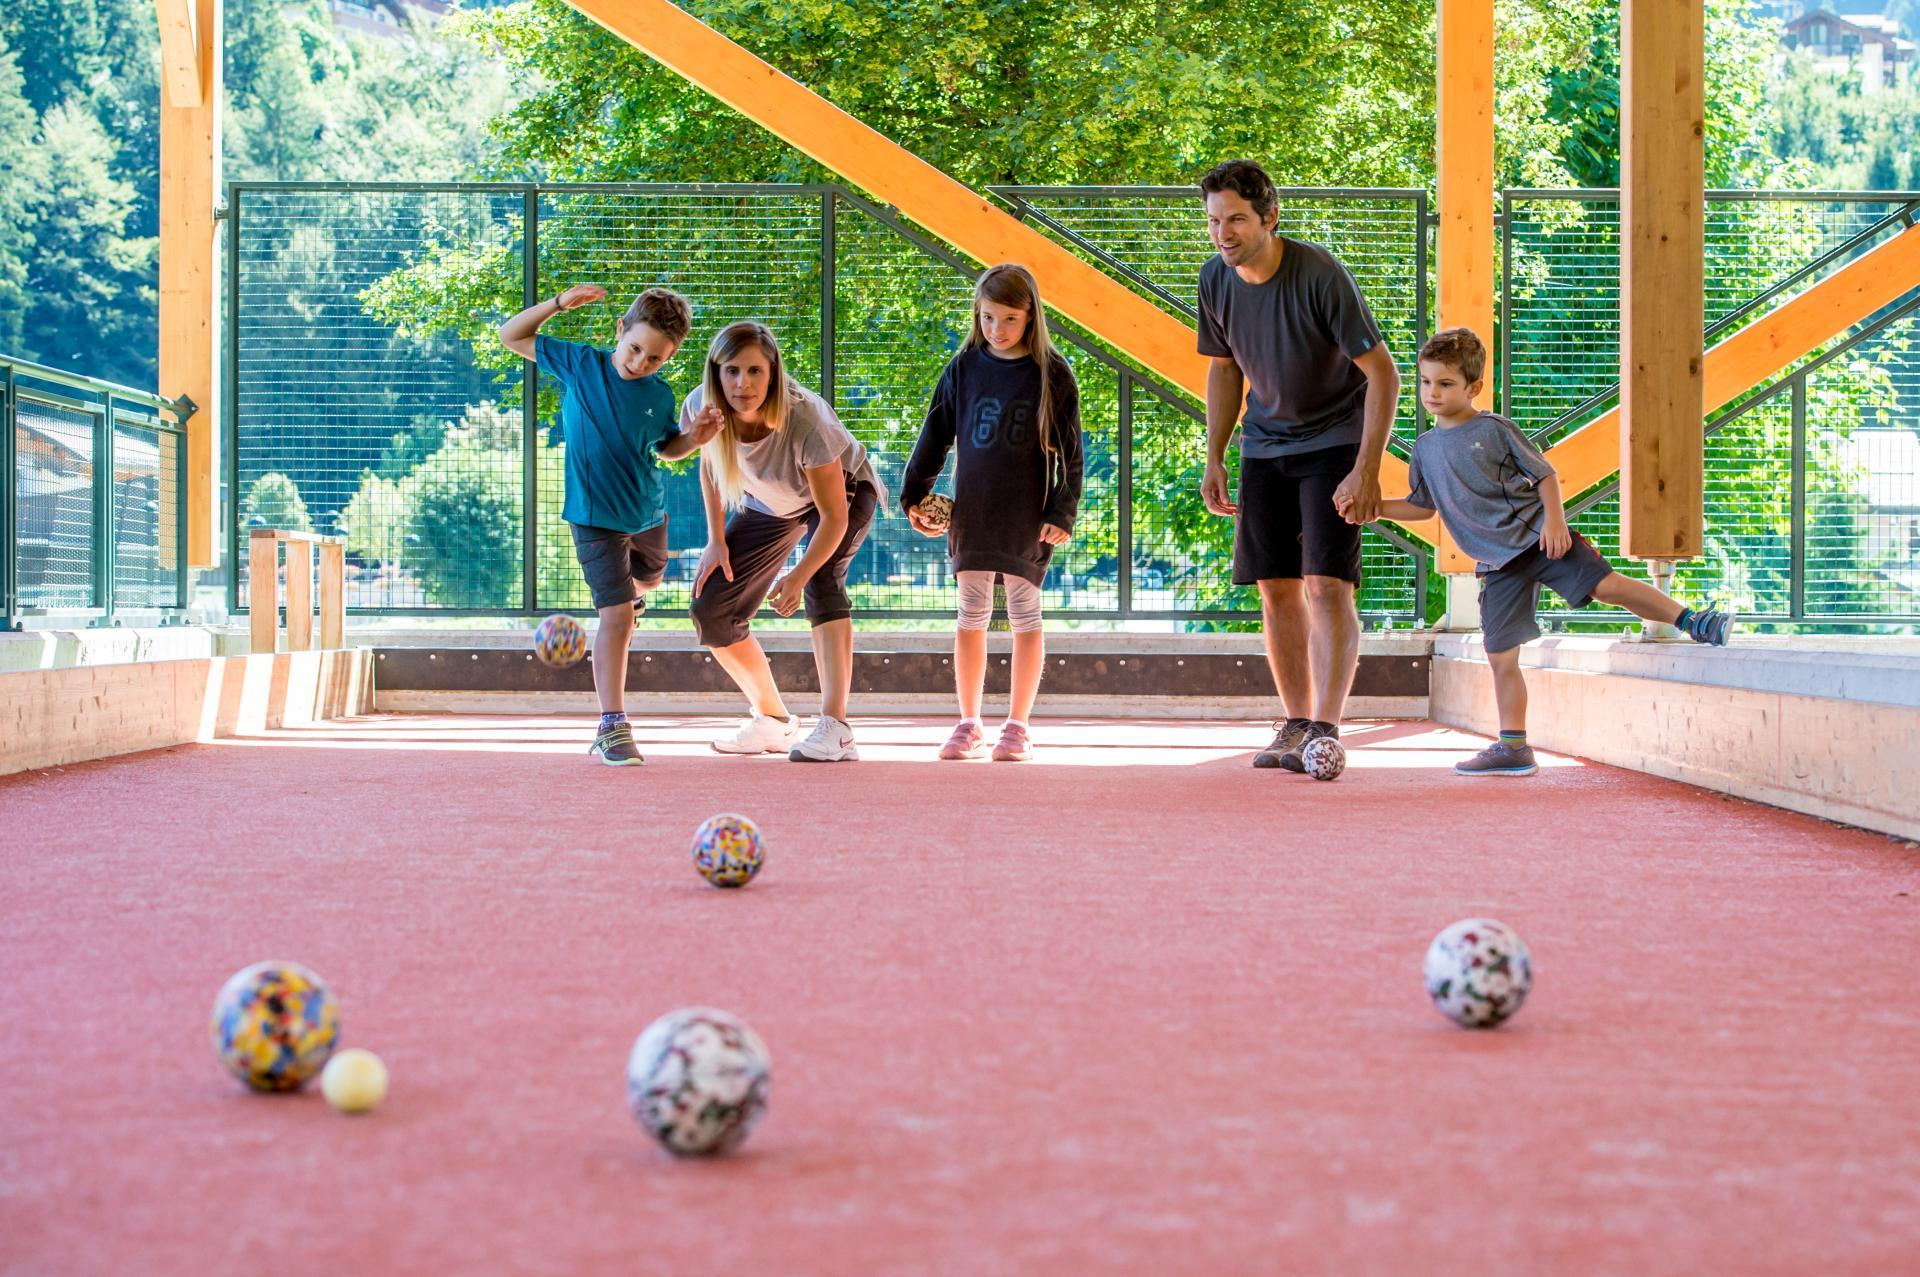 2016_PHMatteoDeStefano_Andalo_bambini_giochi_divertimento_montagna_bocce_family_parco_LifePark_Dolomiti_Paganella_Trentino_17.jpg